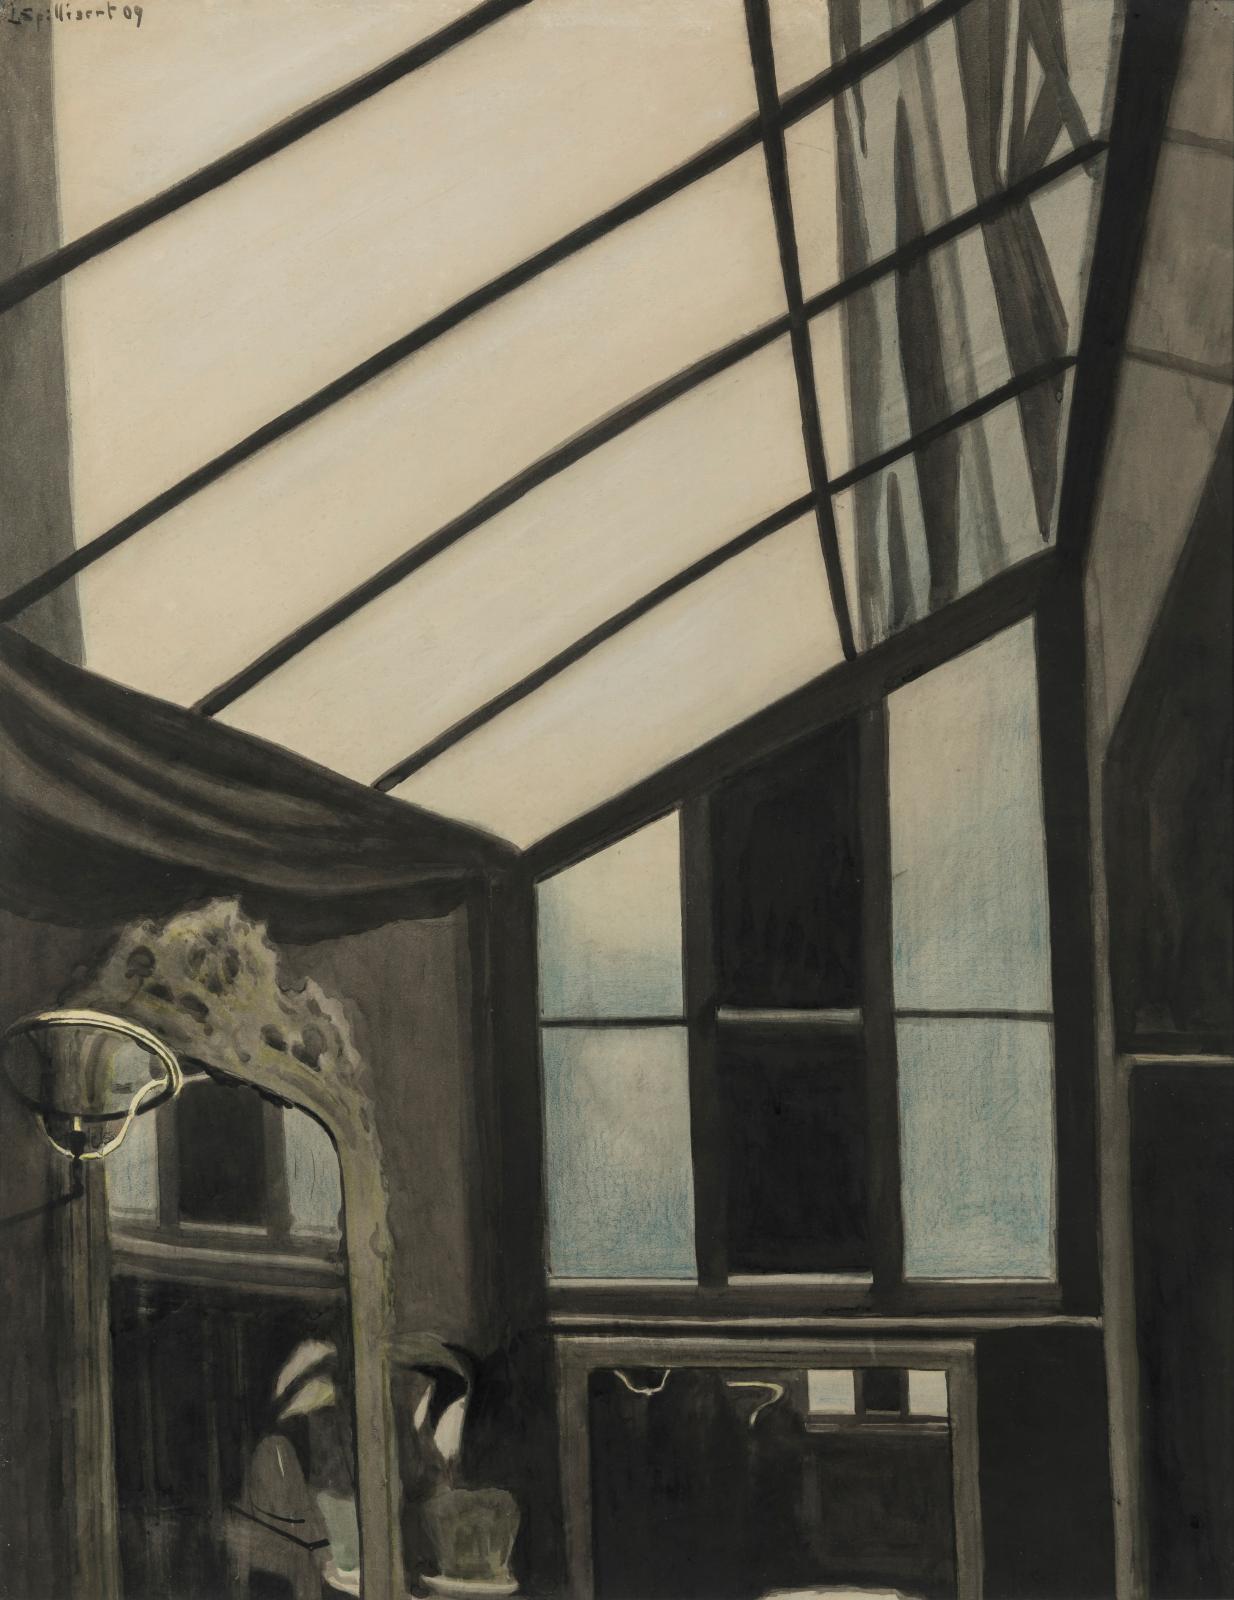 Léon Spilliaert (1881-1946), La Verrière, 1909, encre de Chine, pinceau et crayons de couleur sur papier, 64x50cm (détail). Lancz Gallery